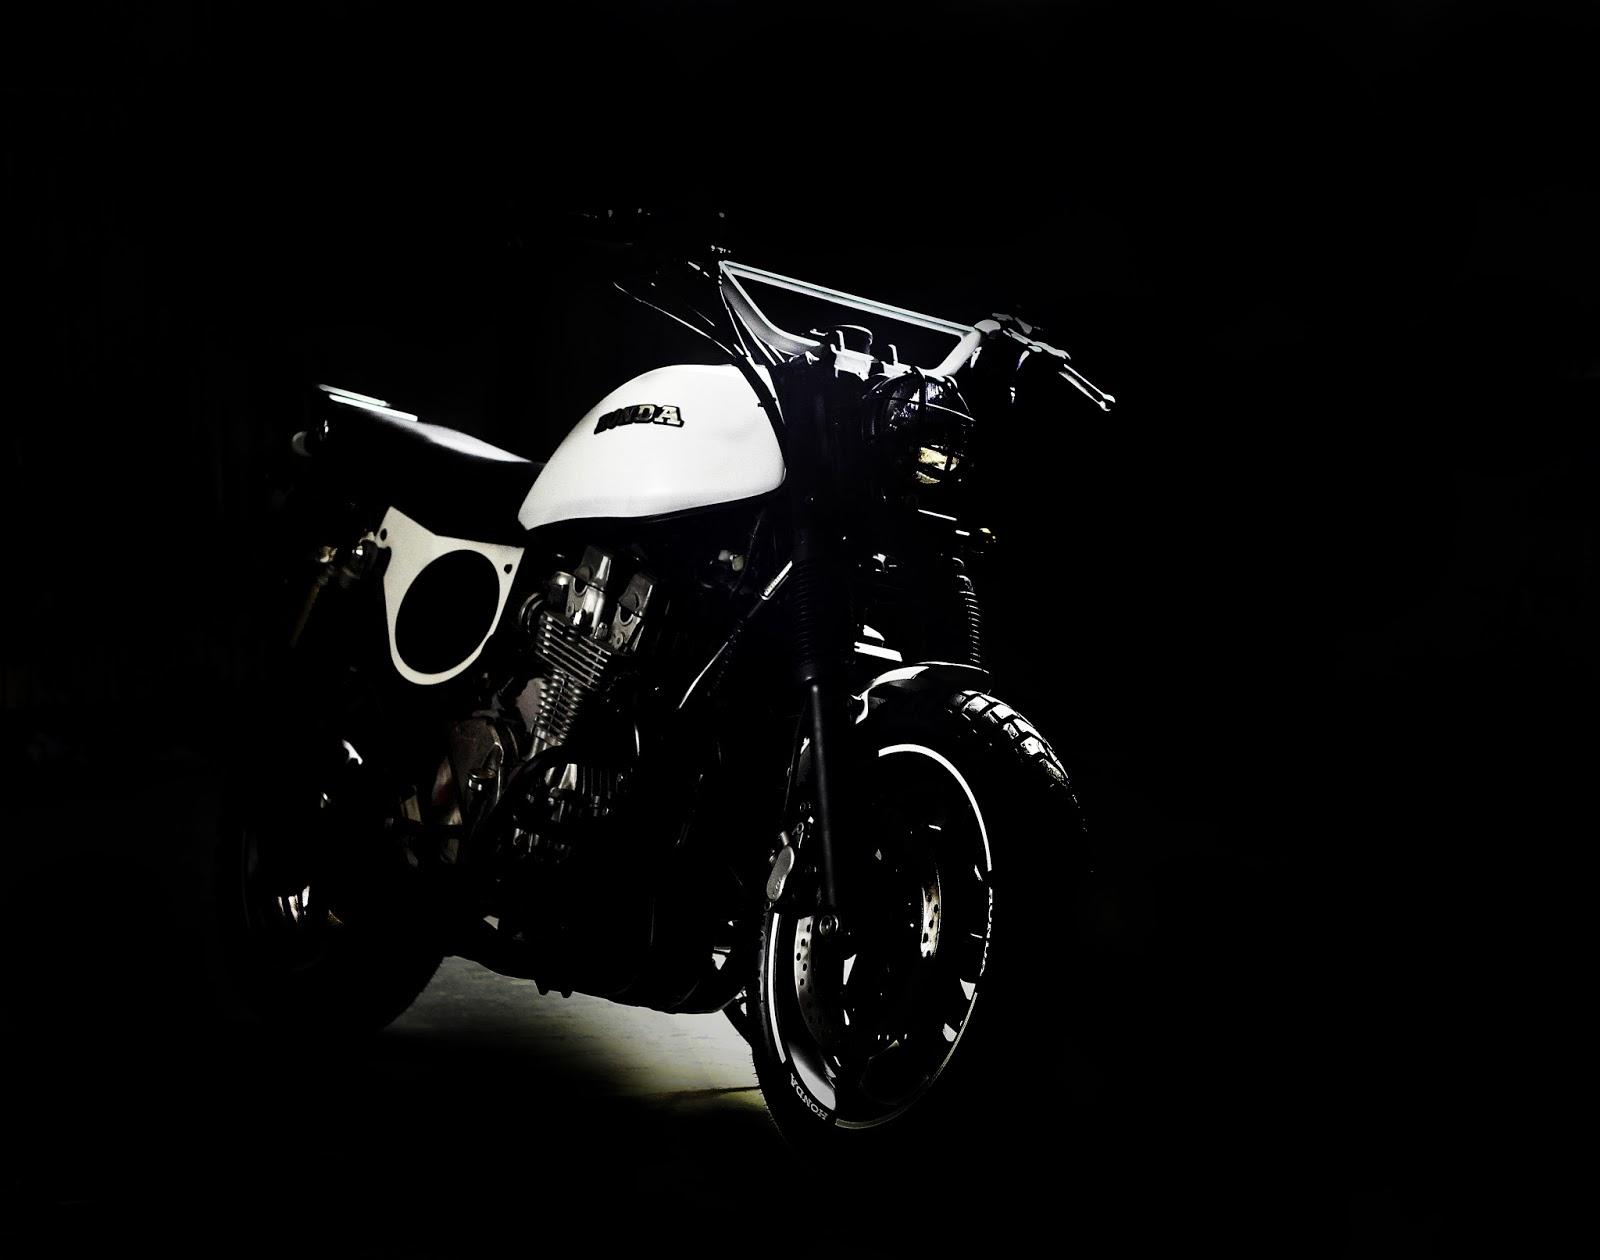 Honda CB750 Tracker | Honda CB750 Street Tracker | Custom Honda CB750 Tracker | Custom Honda CB750 | Honda CB750 Big Tracker